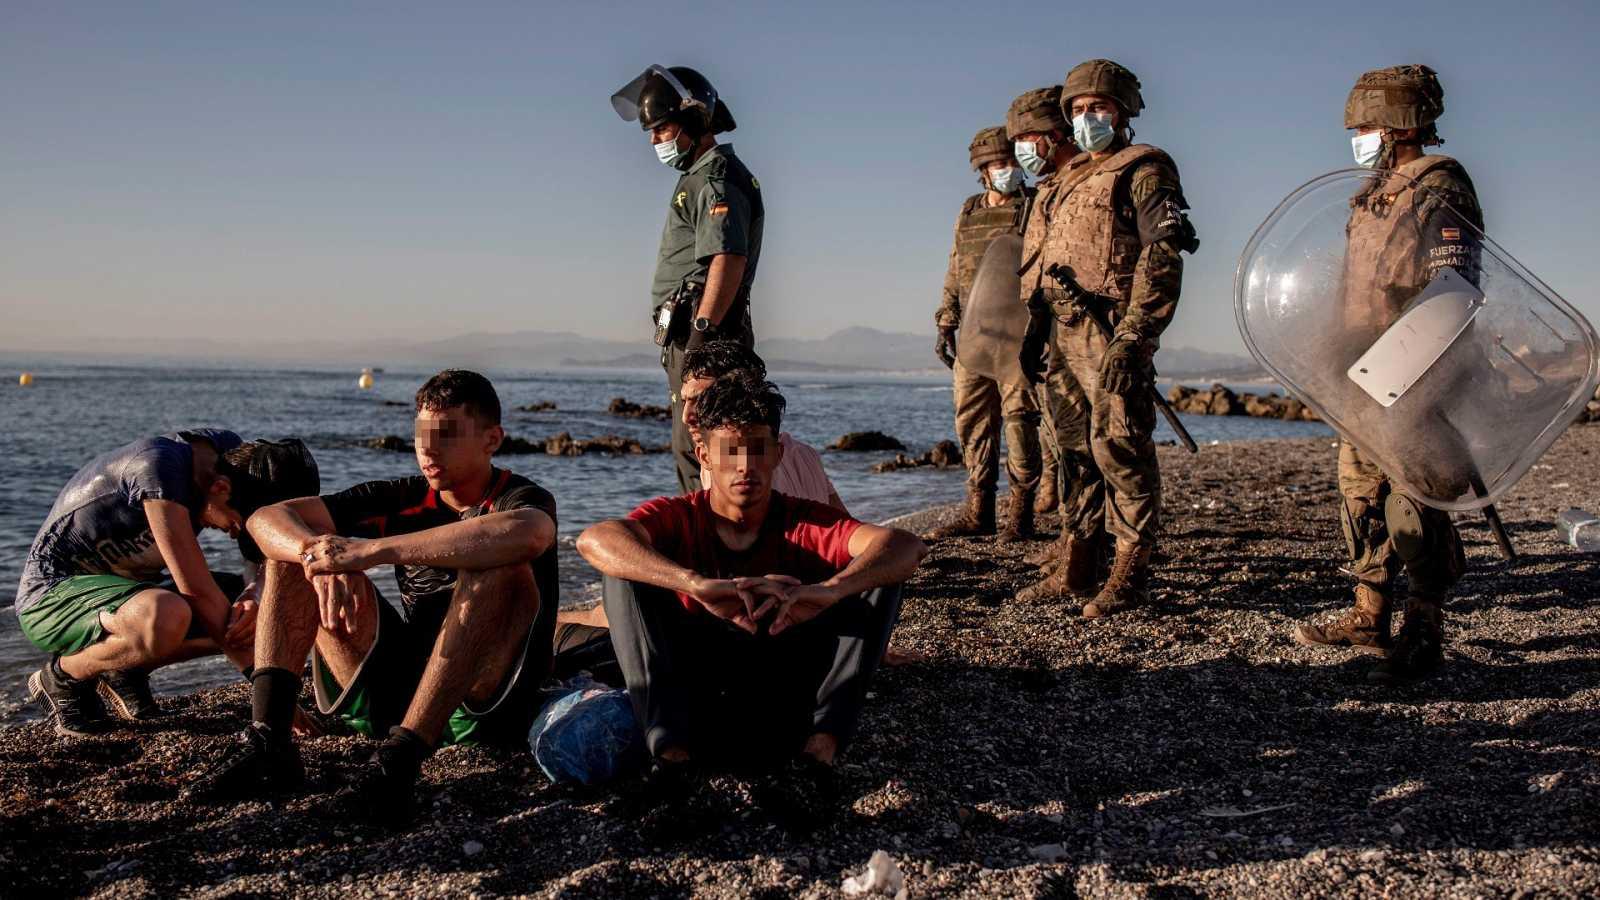 Miembros del ejército observan a un grupo de menores migrantes a su llegada a Ceuta el pasado mes de mayo